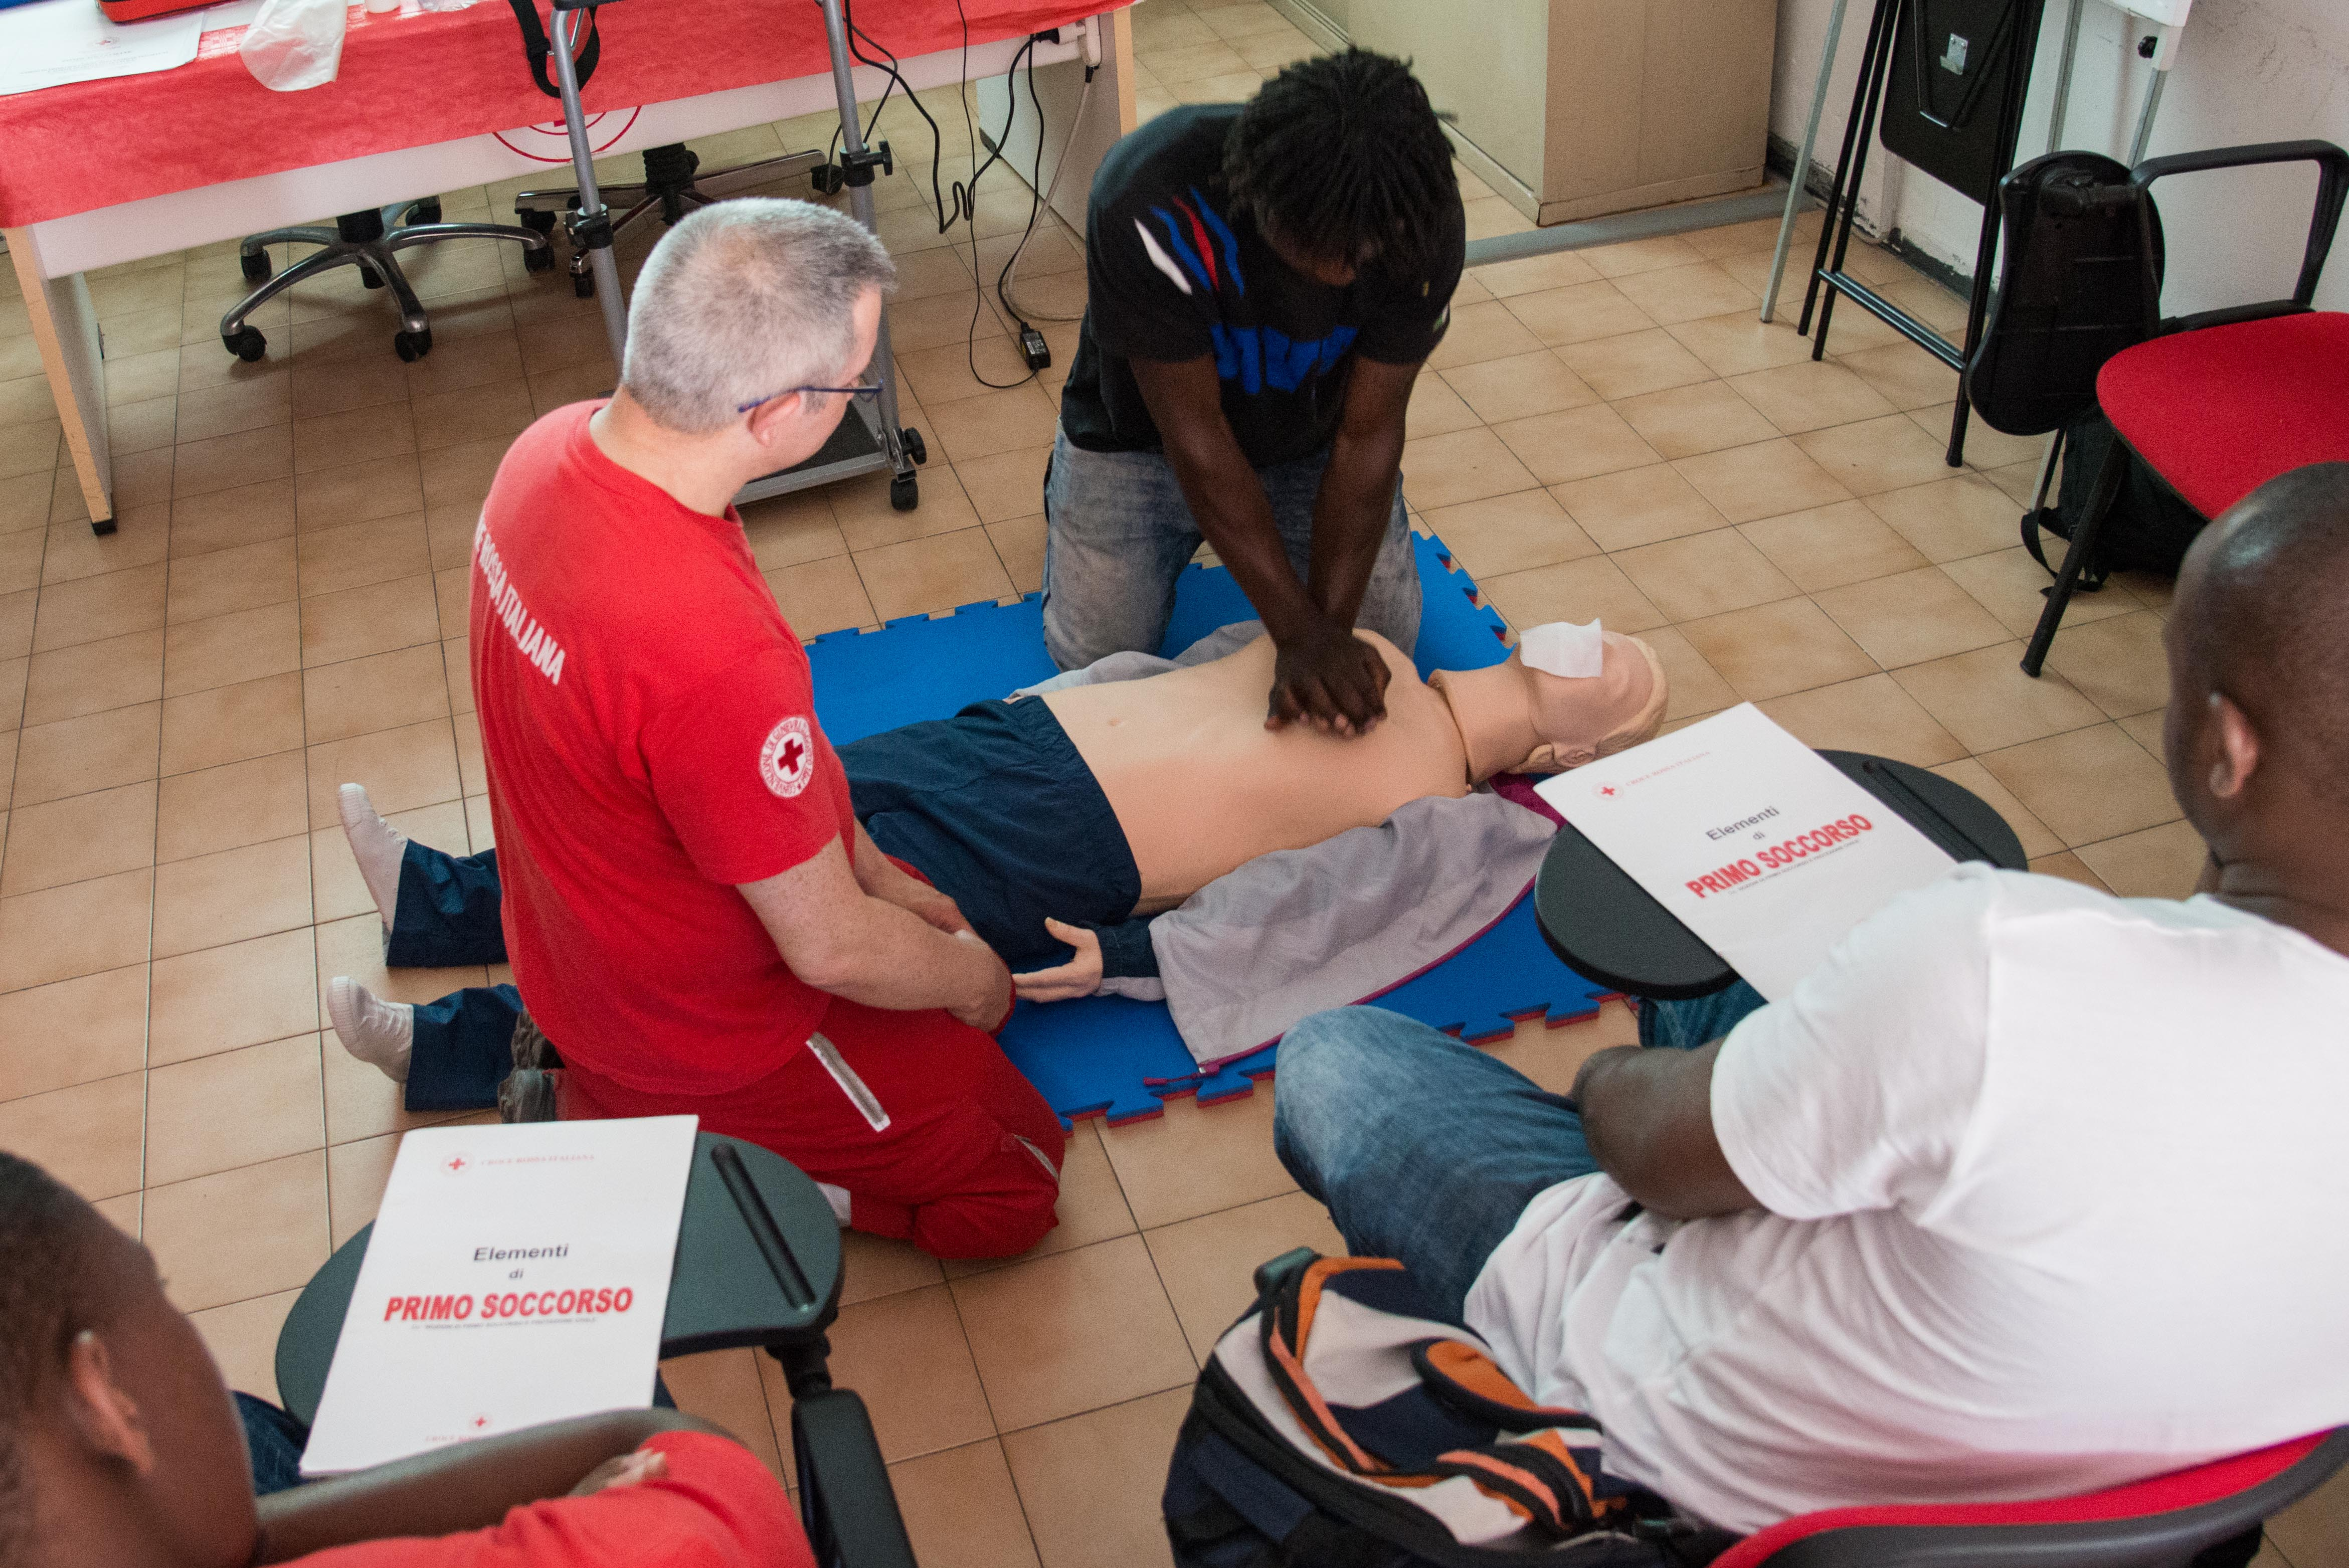 Croce Rossa Corso primo soccorso richiedenti asilo